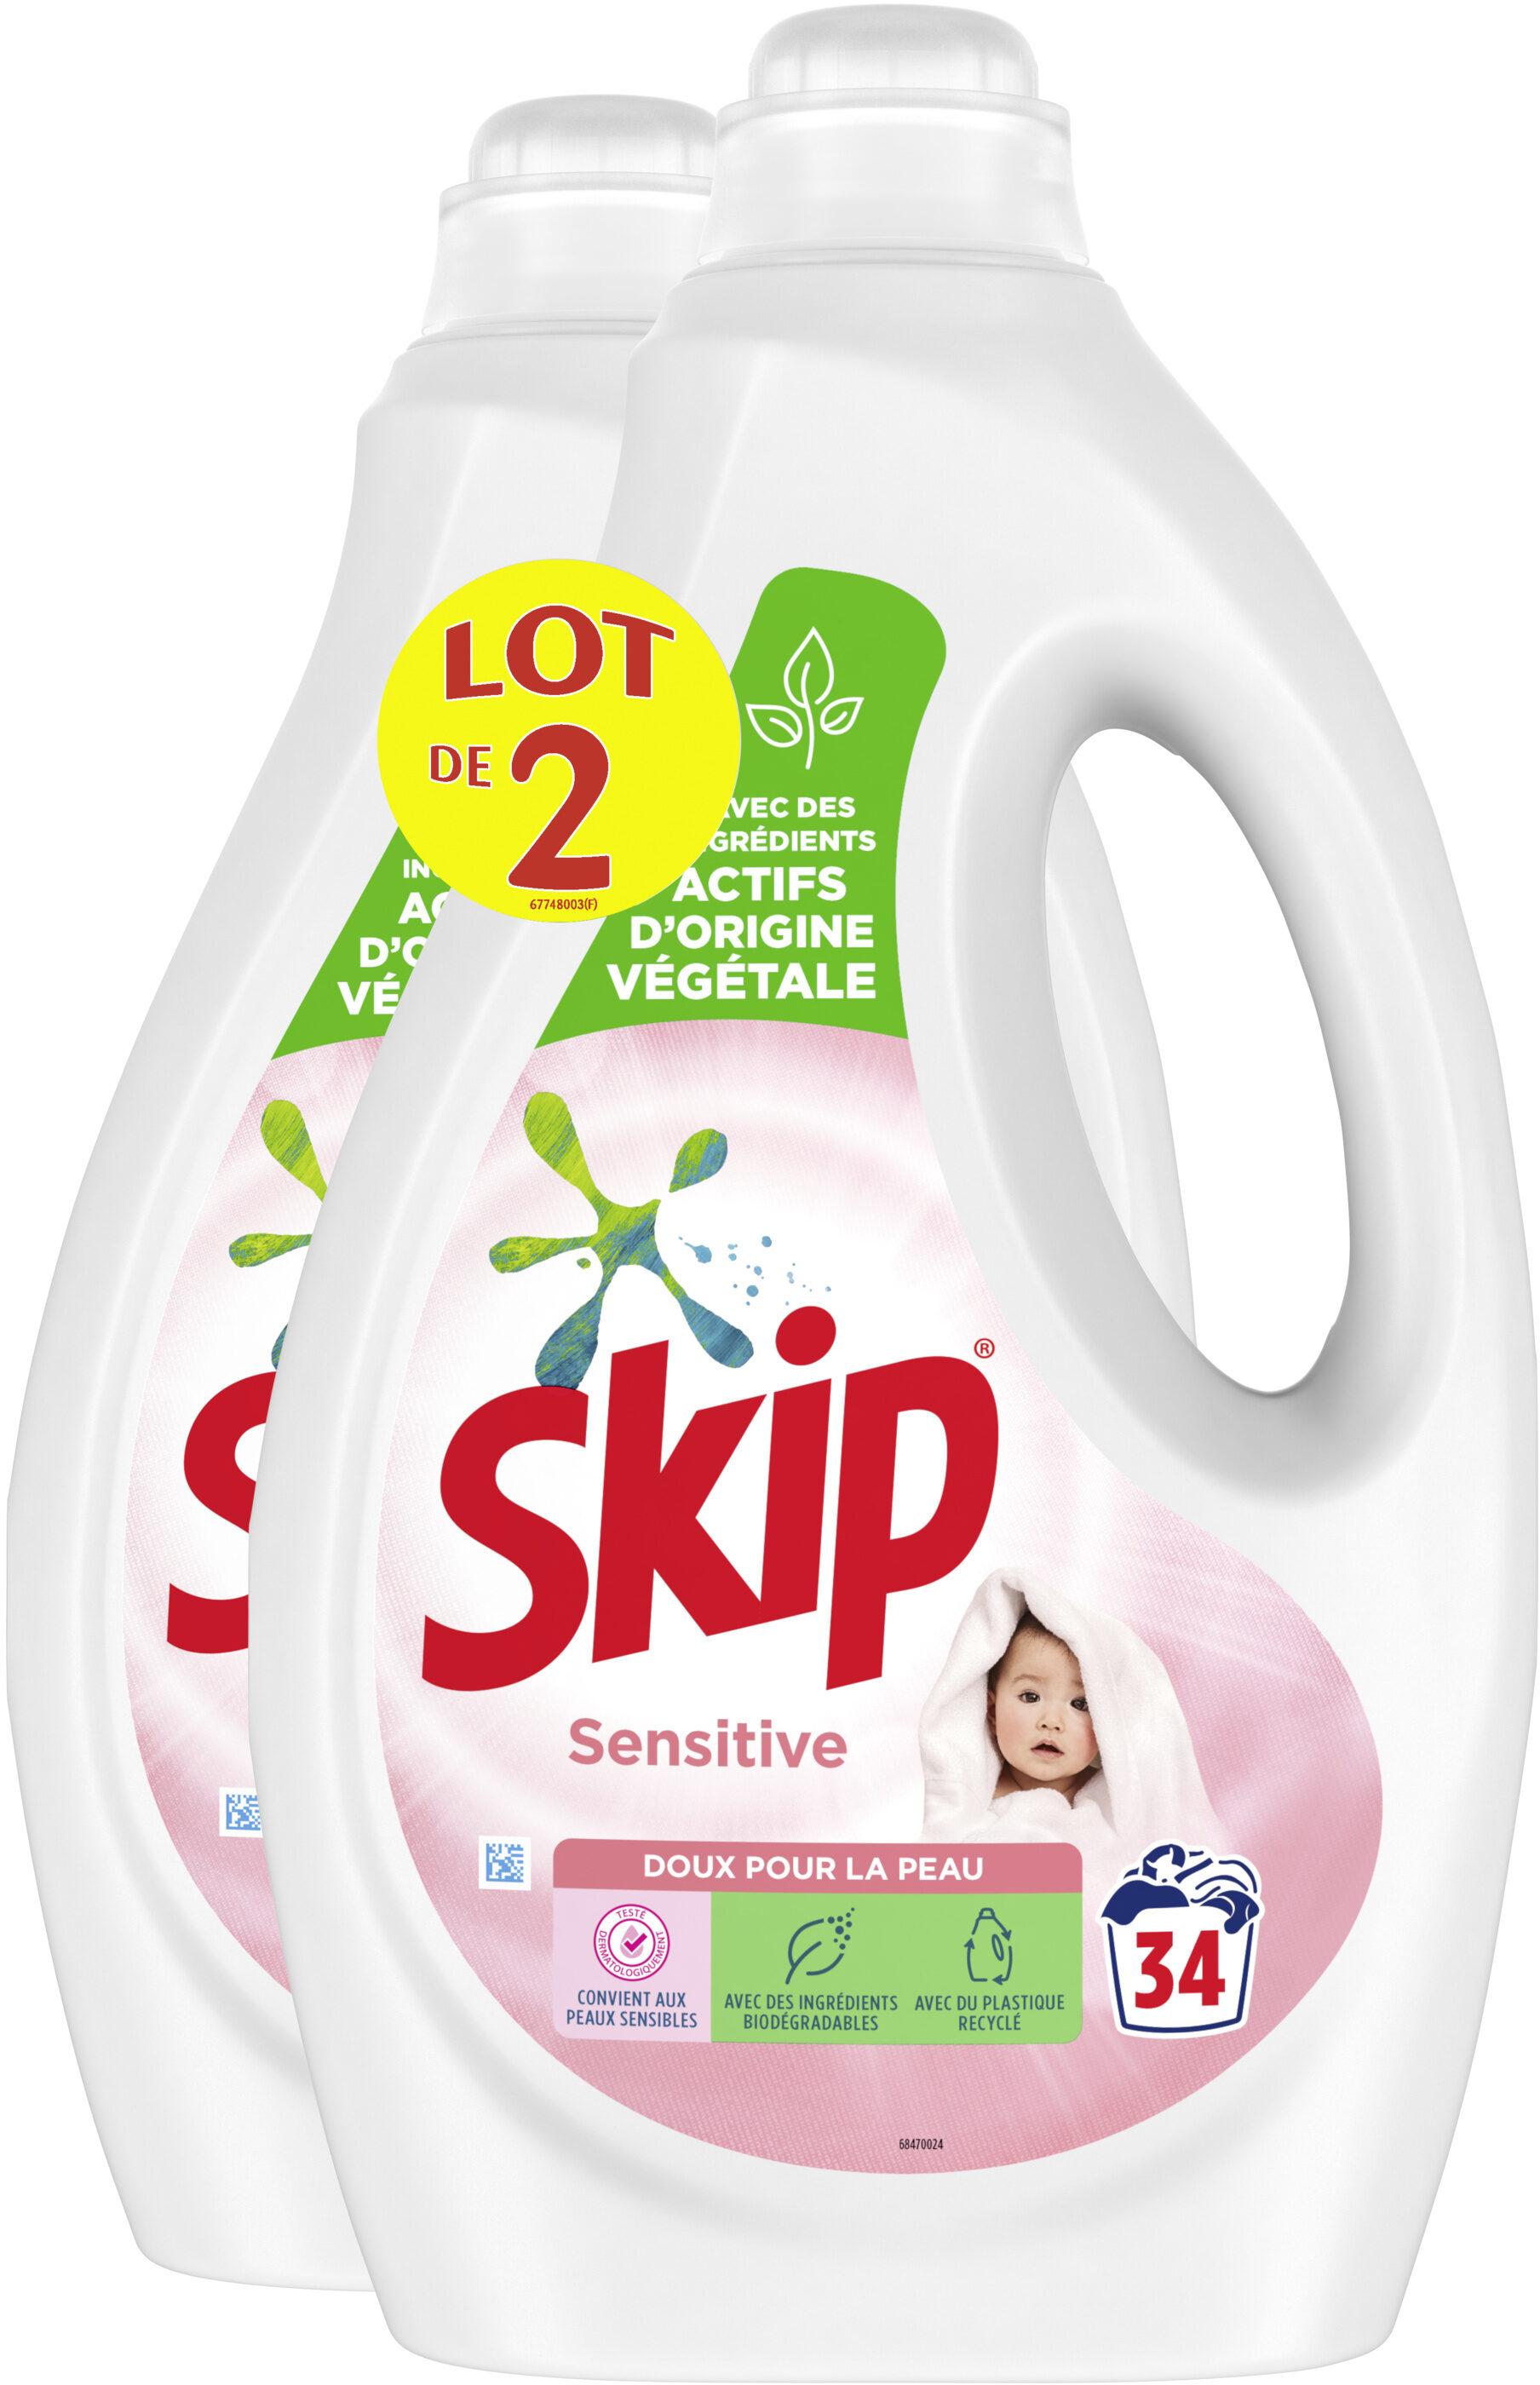 Skip Lessive Liquide Sensitive Peaux Sensibles & Bébés Lot 2x1.7l - 68 Lavages - Produit - fr